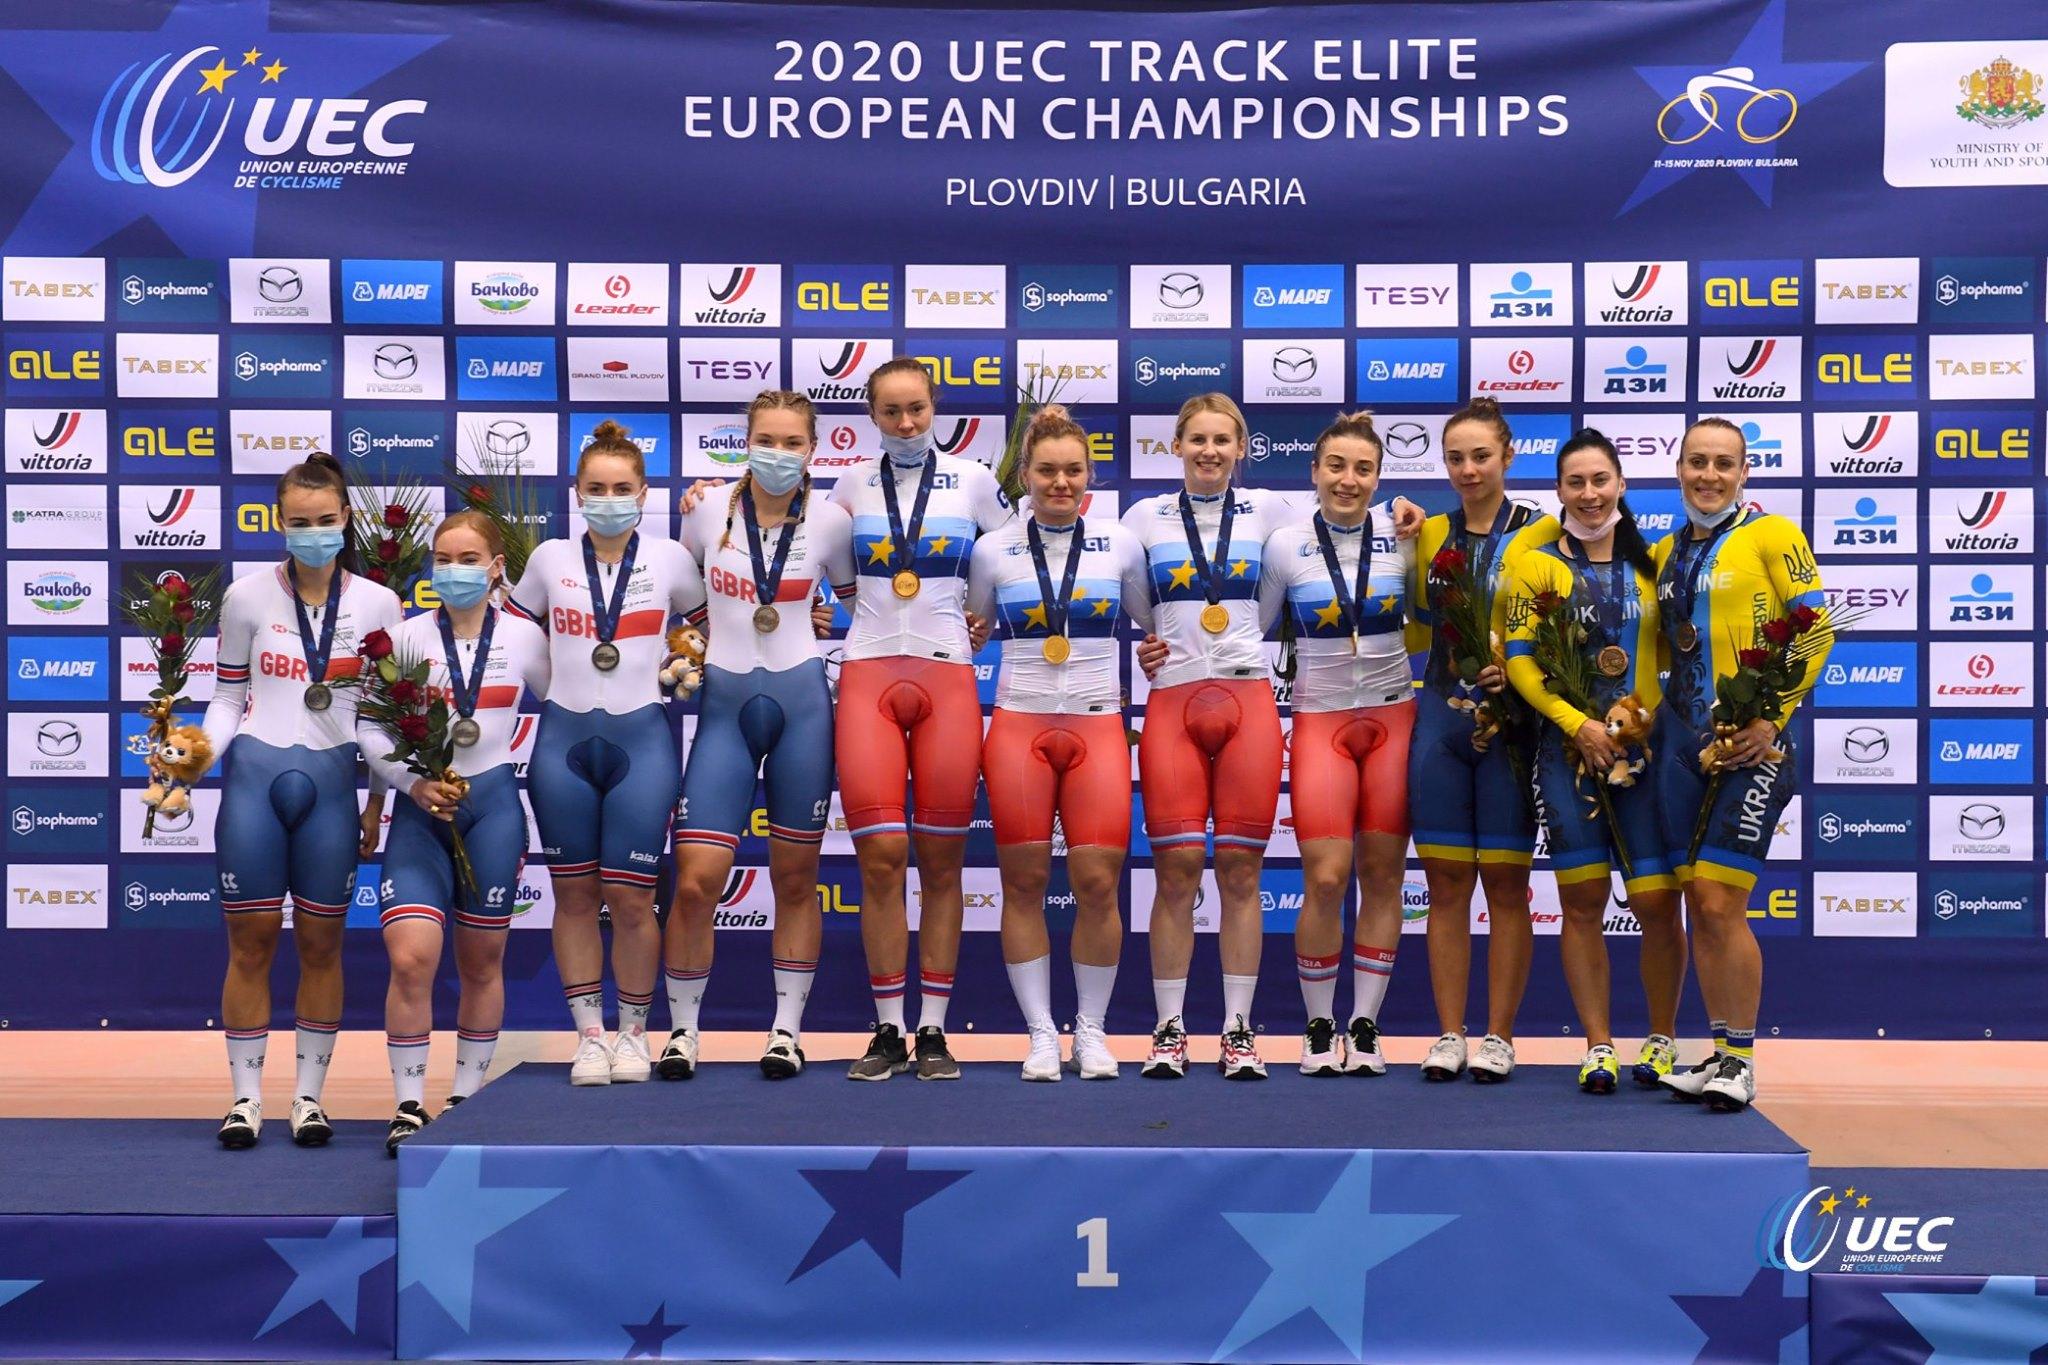 Il podio del Campionato Europeo Velocità a squadre Donne Elite 2020 (foto UEC/BettiniPhoto)